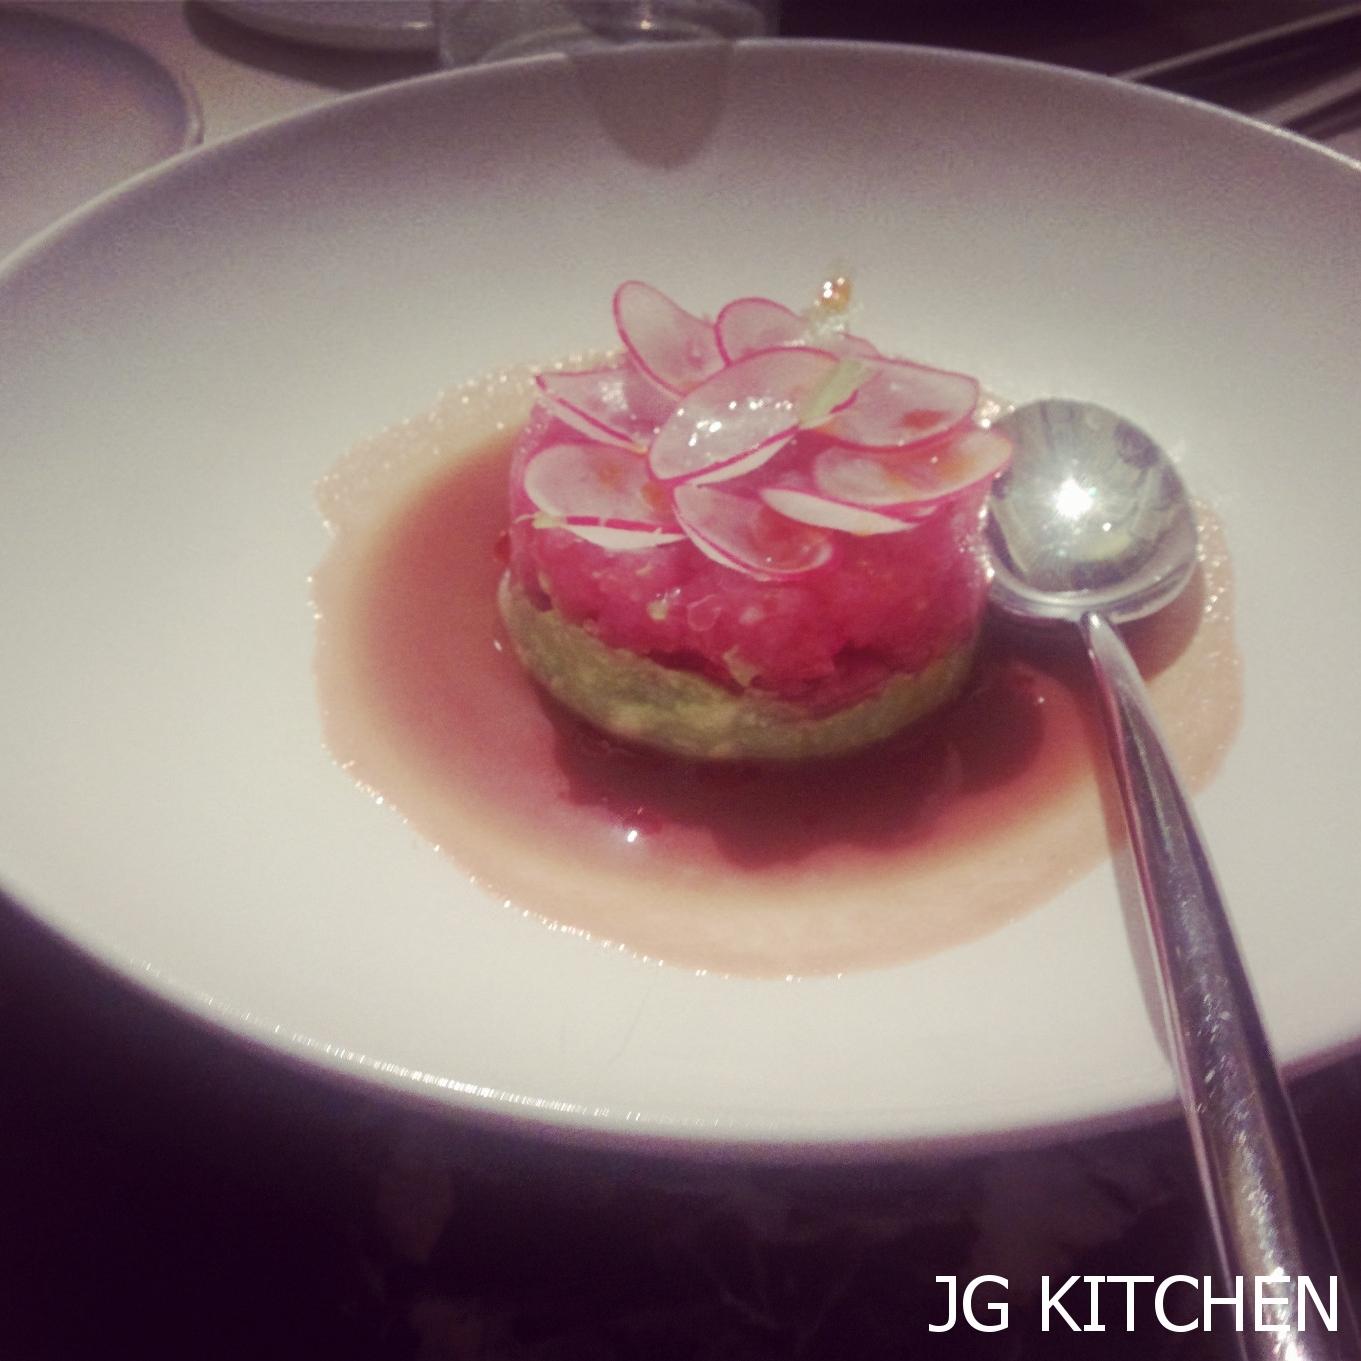 JG Kitchen